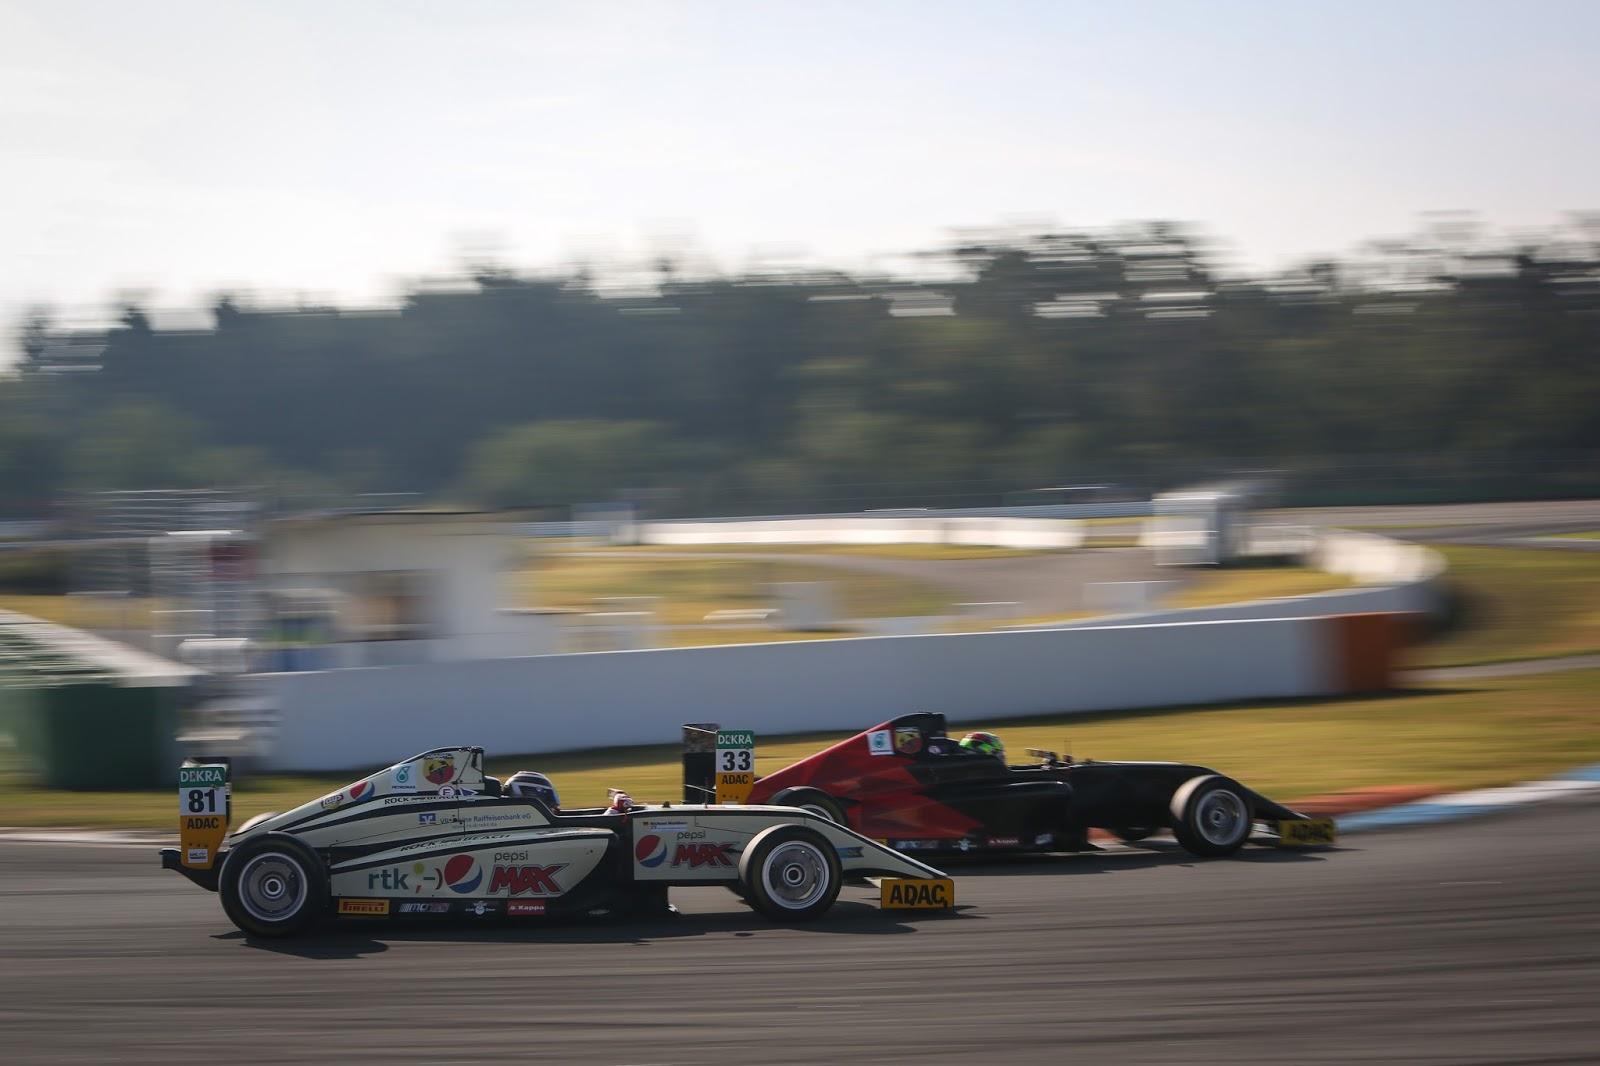 Hockenheimring: die ADAC Formel 4 startet 2018 im Rahmen der Formel 1